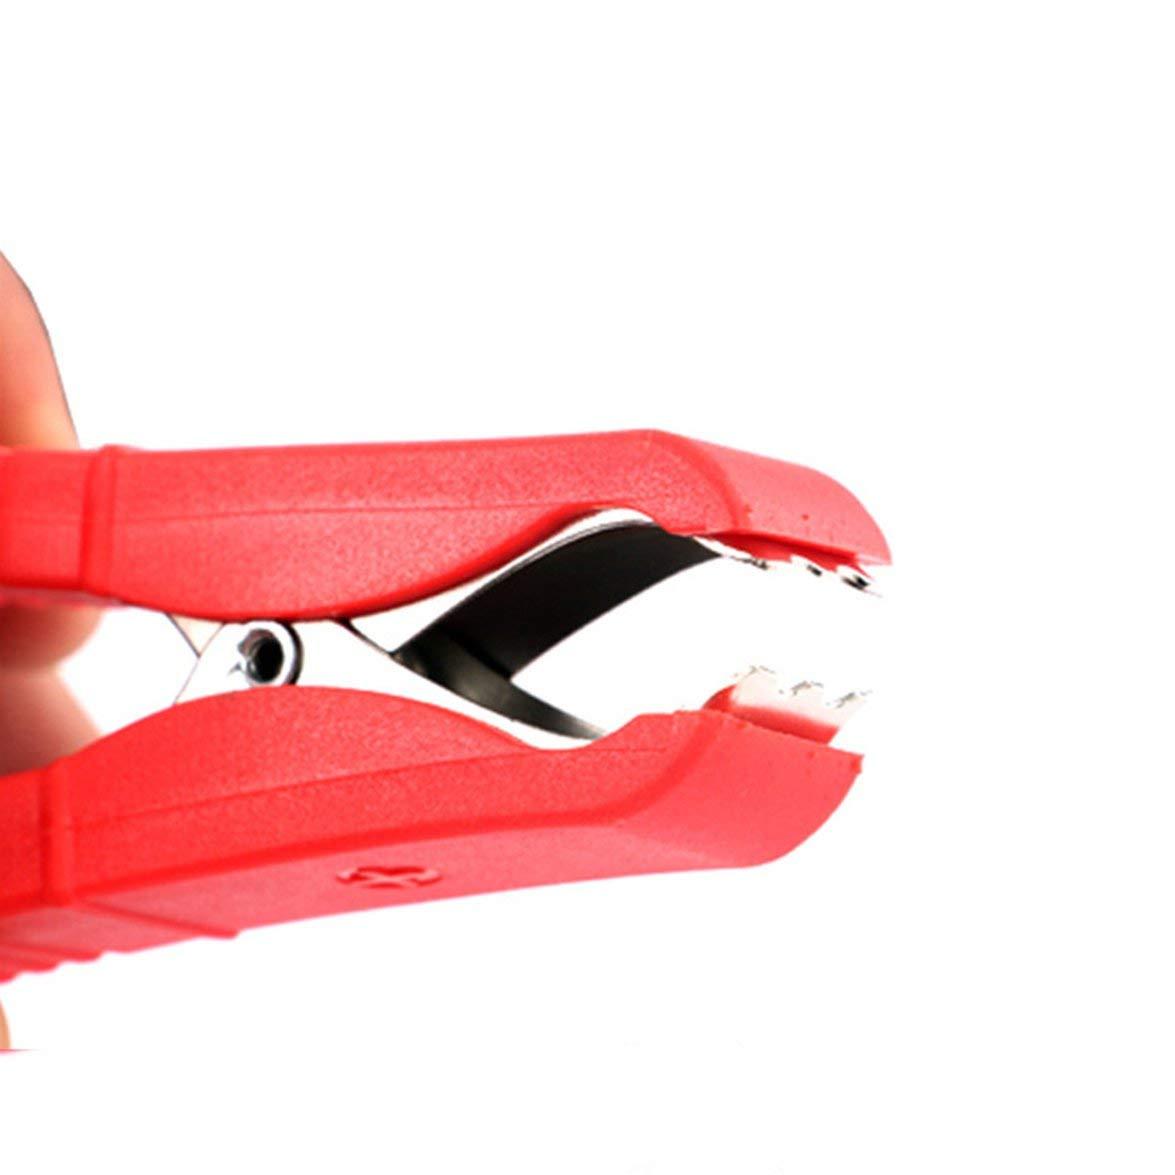 Kongqiabona Bomba de bater/ía de Coche Cocodrilo Encendedor de Cigarrillos Adaptador de Enchufe de alimentaci/ón Abrazadera Clip Cargador Cable 12V Durable